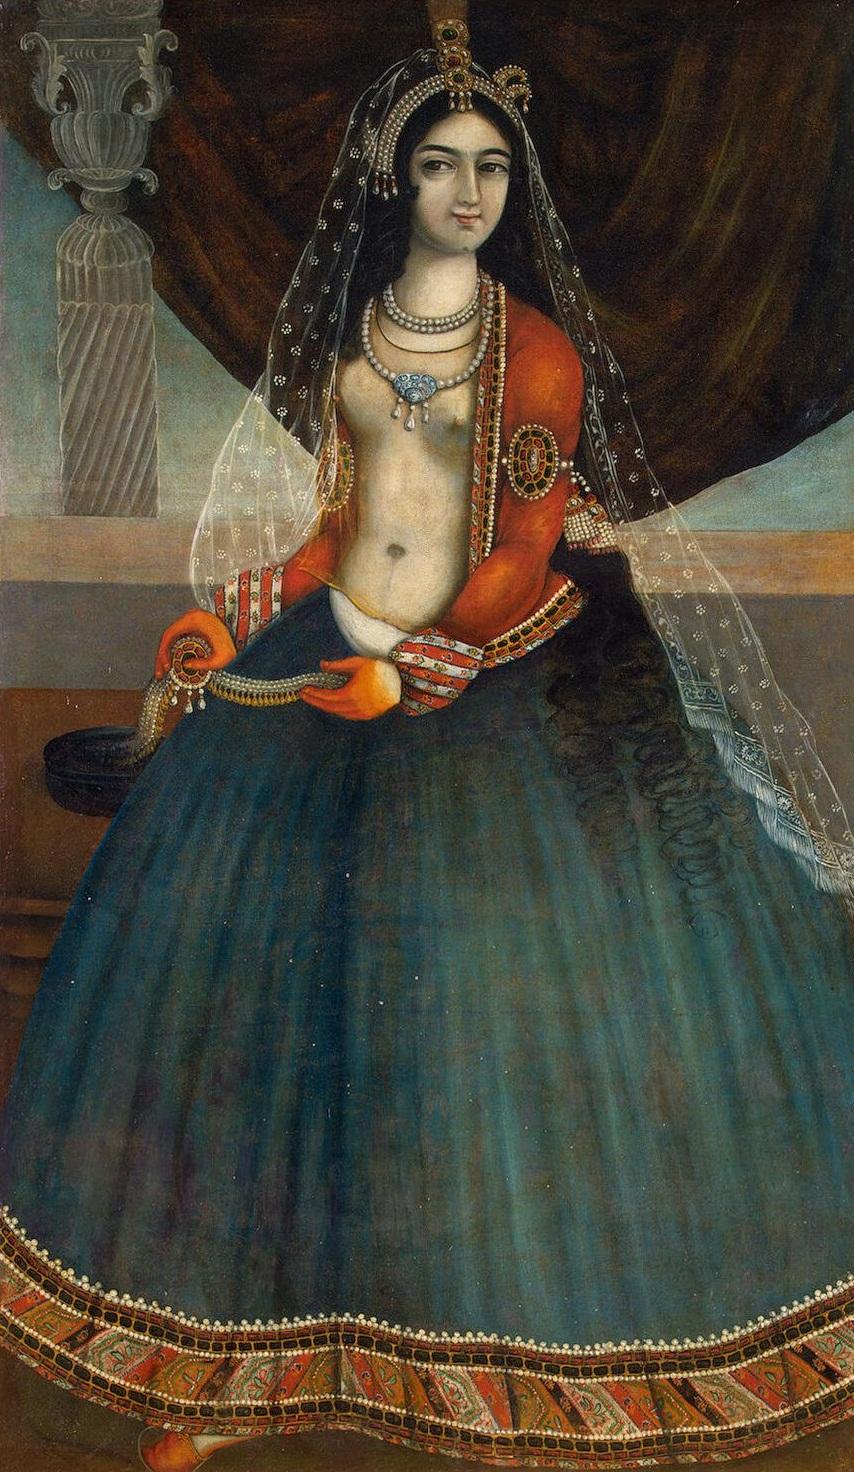 ازدواج در دوران قاجار